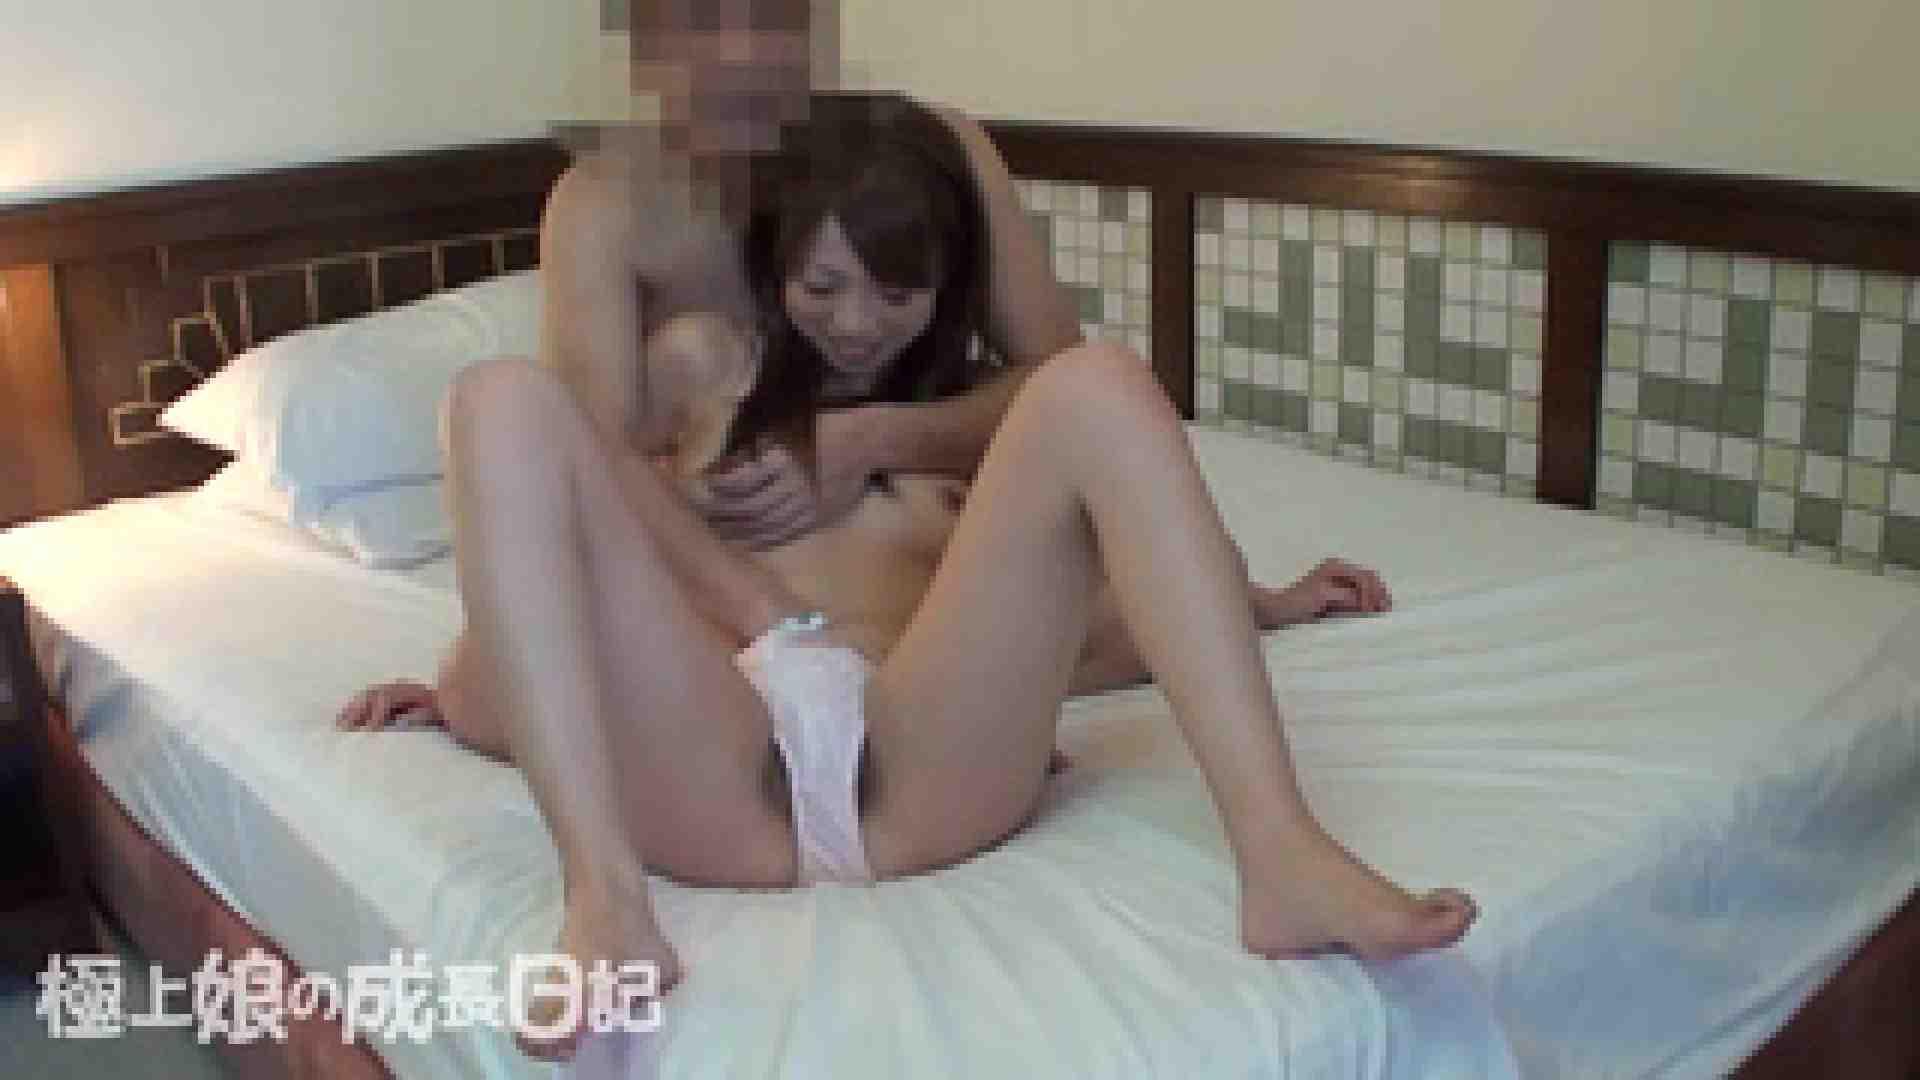 極上素人嬢の成長日記 ホテルでまったりSEX SEX映像 スケベ動画紹介 58pic 43